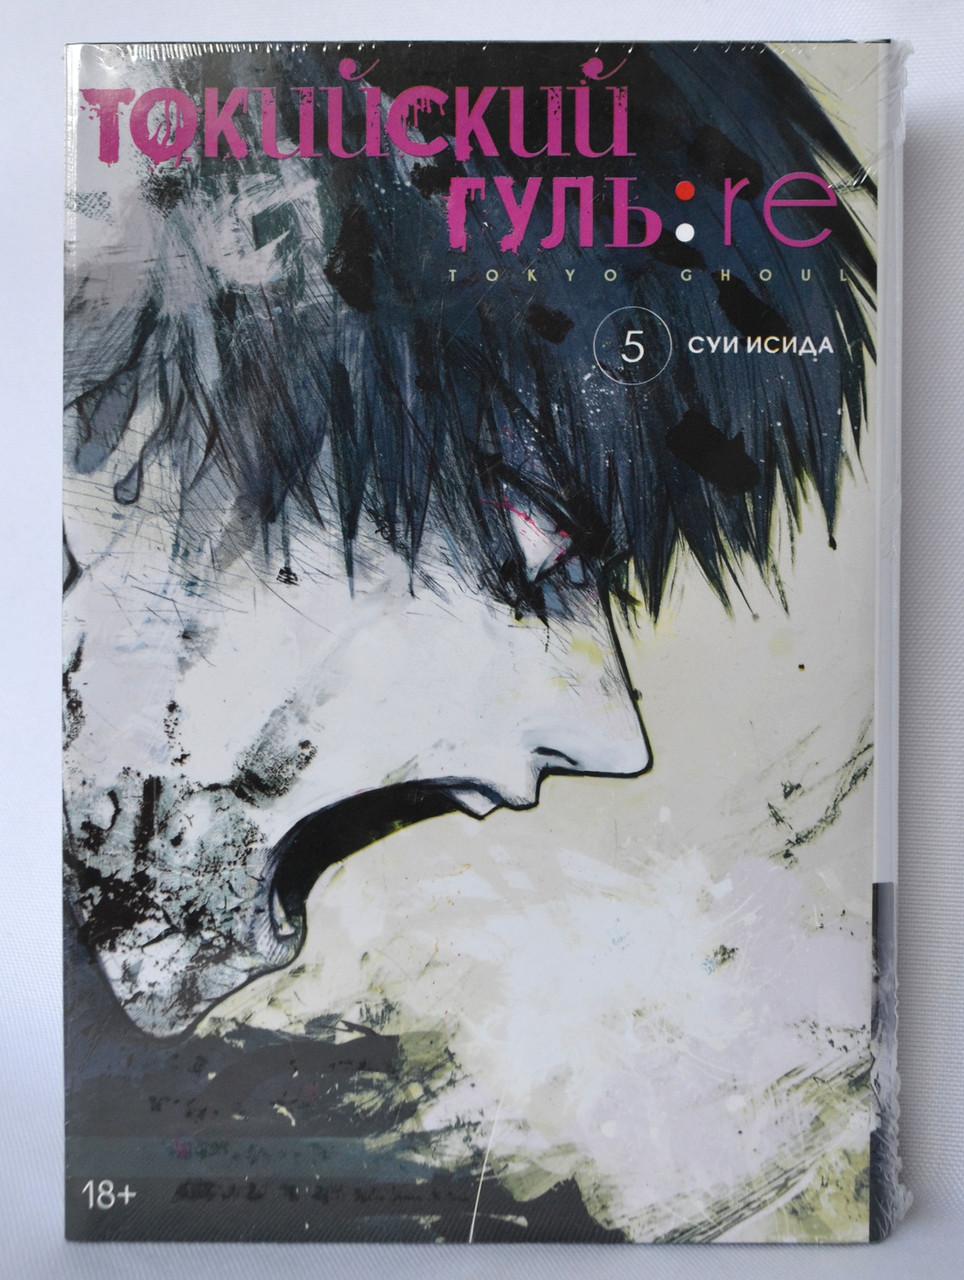 """Манга """"Токійський гуль: re. Книга 5"""""""